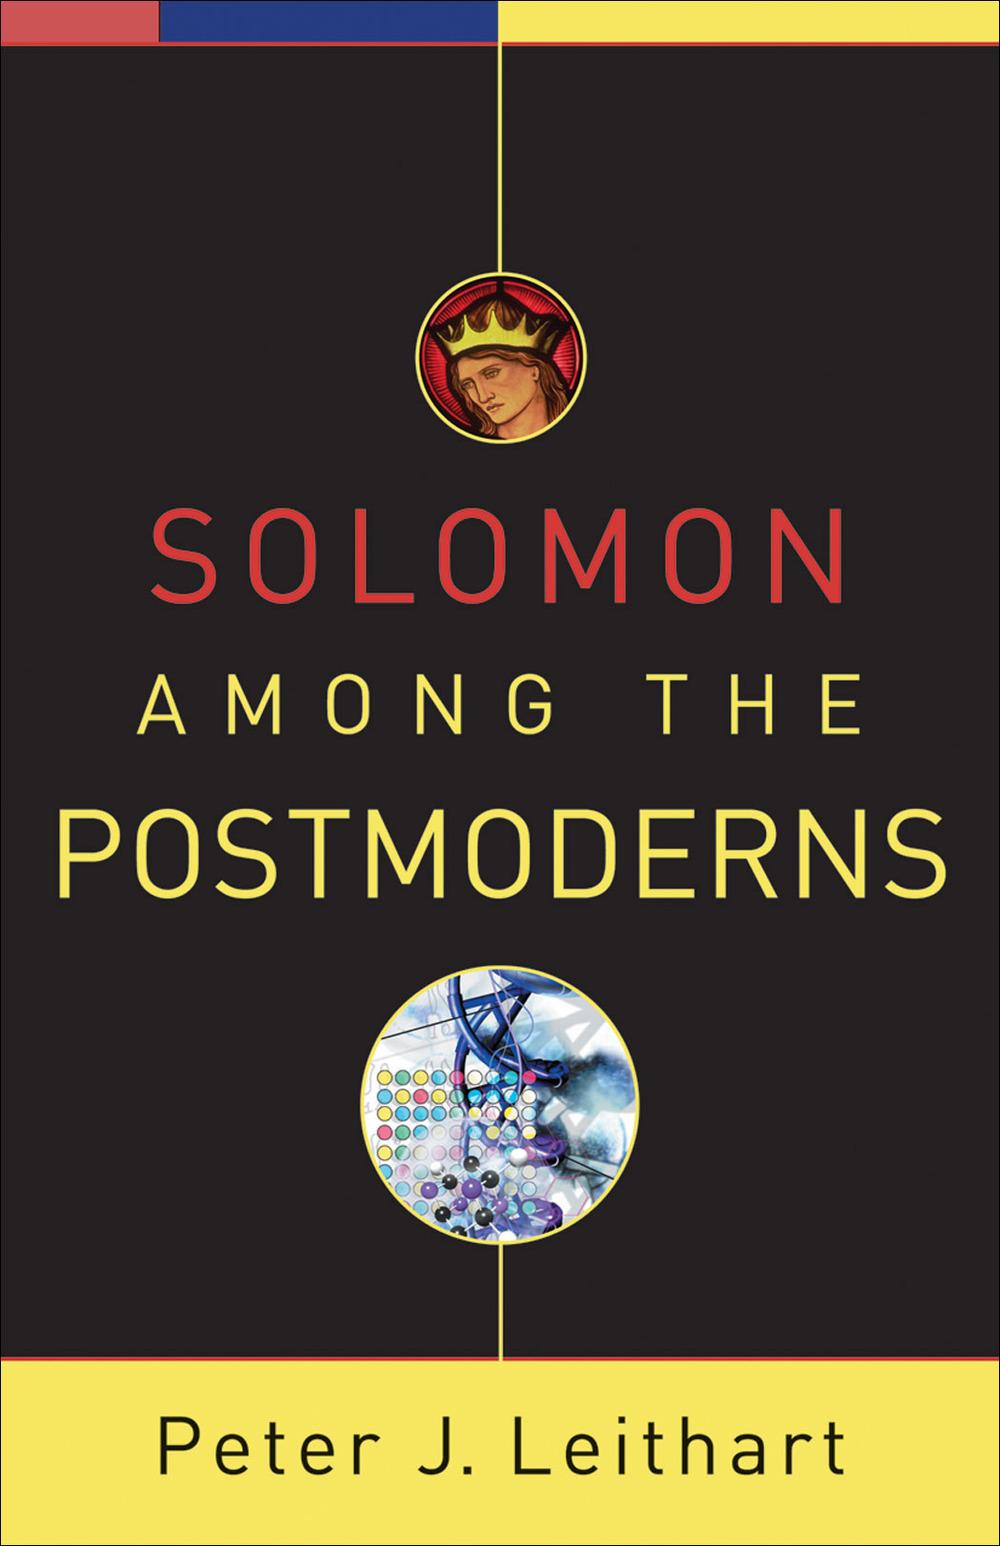 Solomon among the Postmoderns  Peter J. Leithart